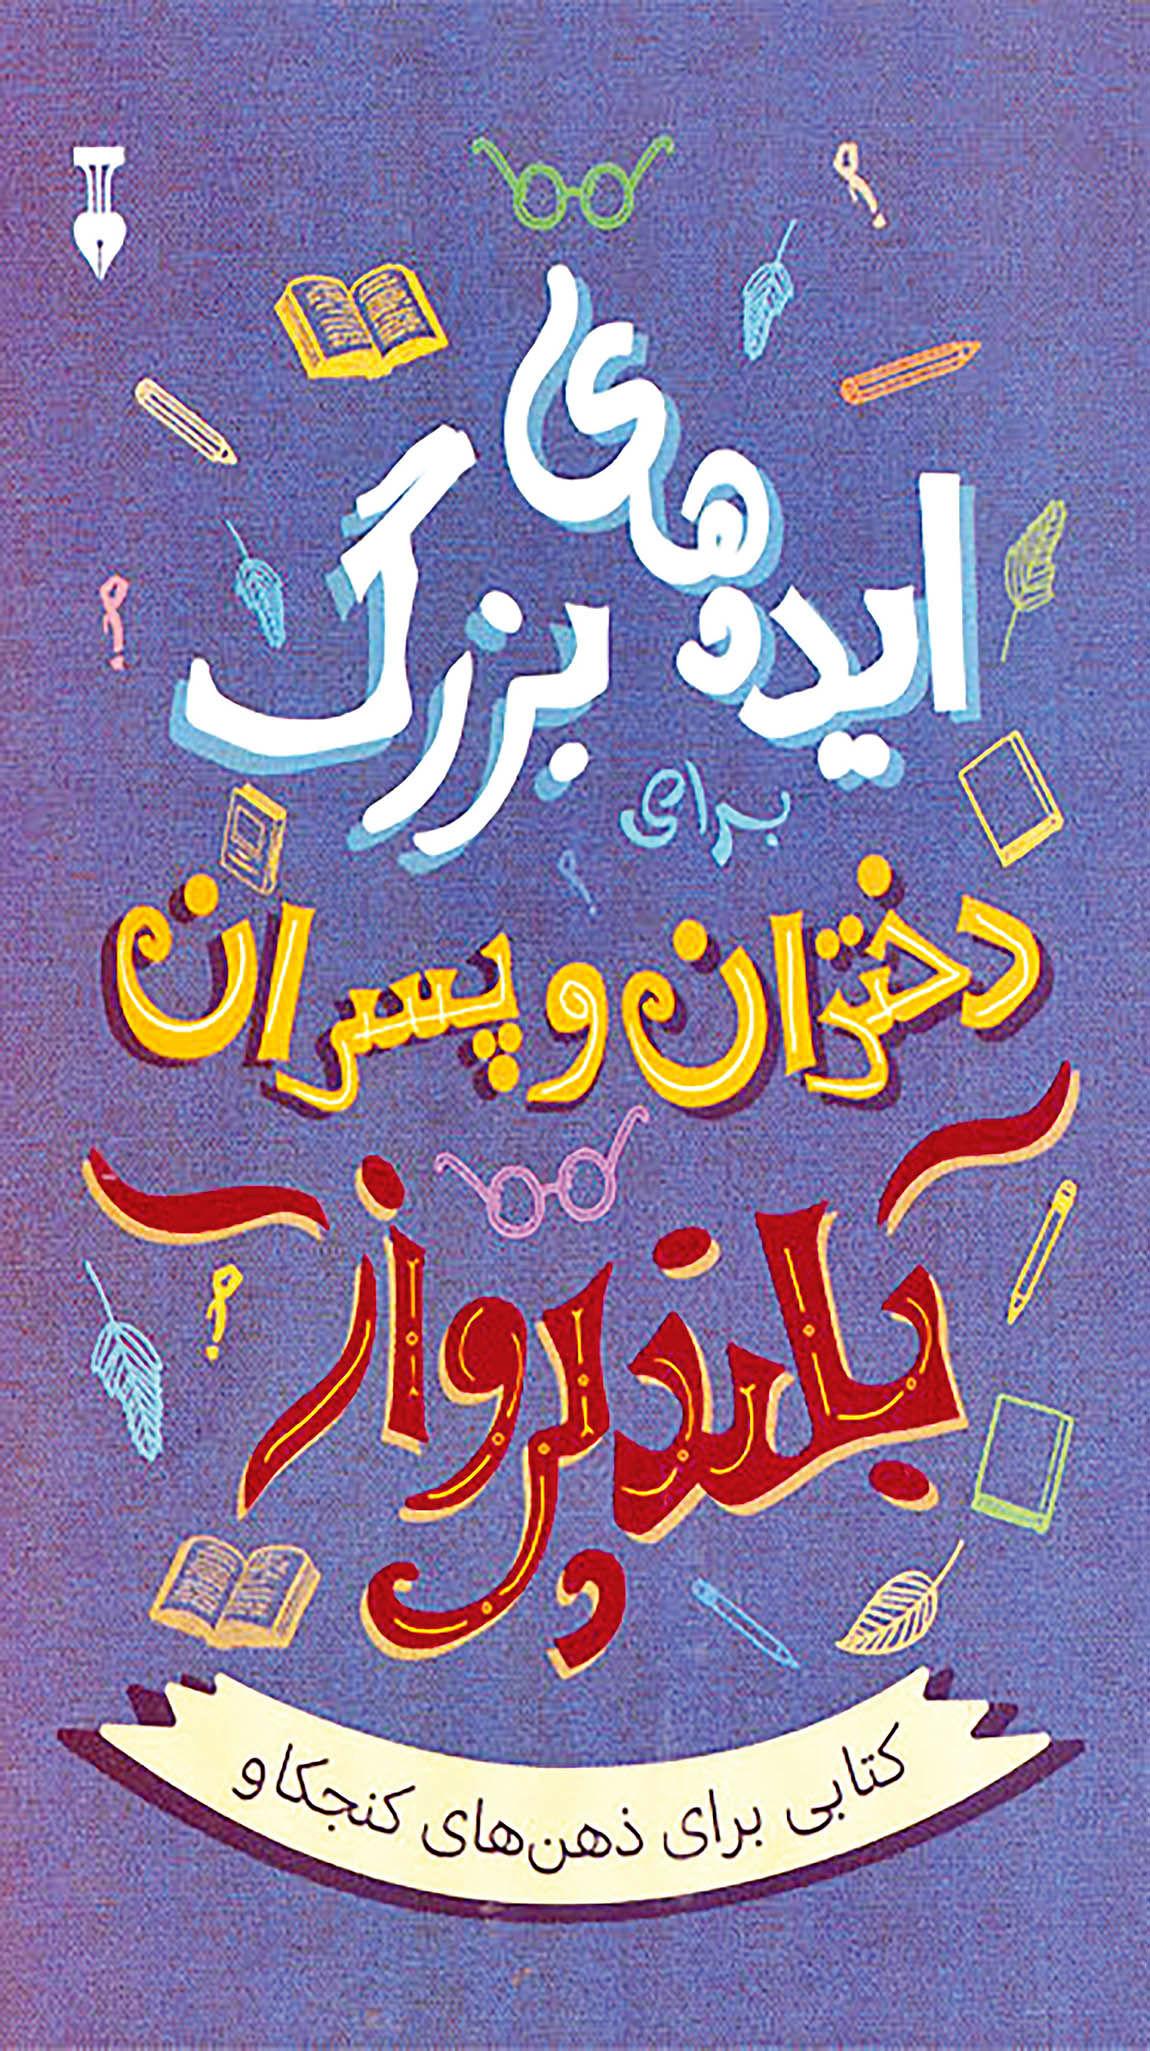 کتاب جدید آلن دوباتن در بازار